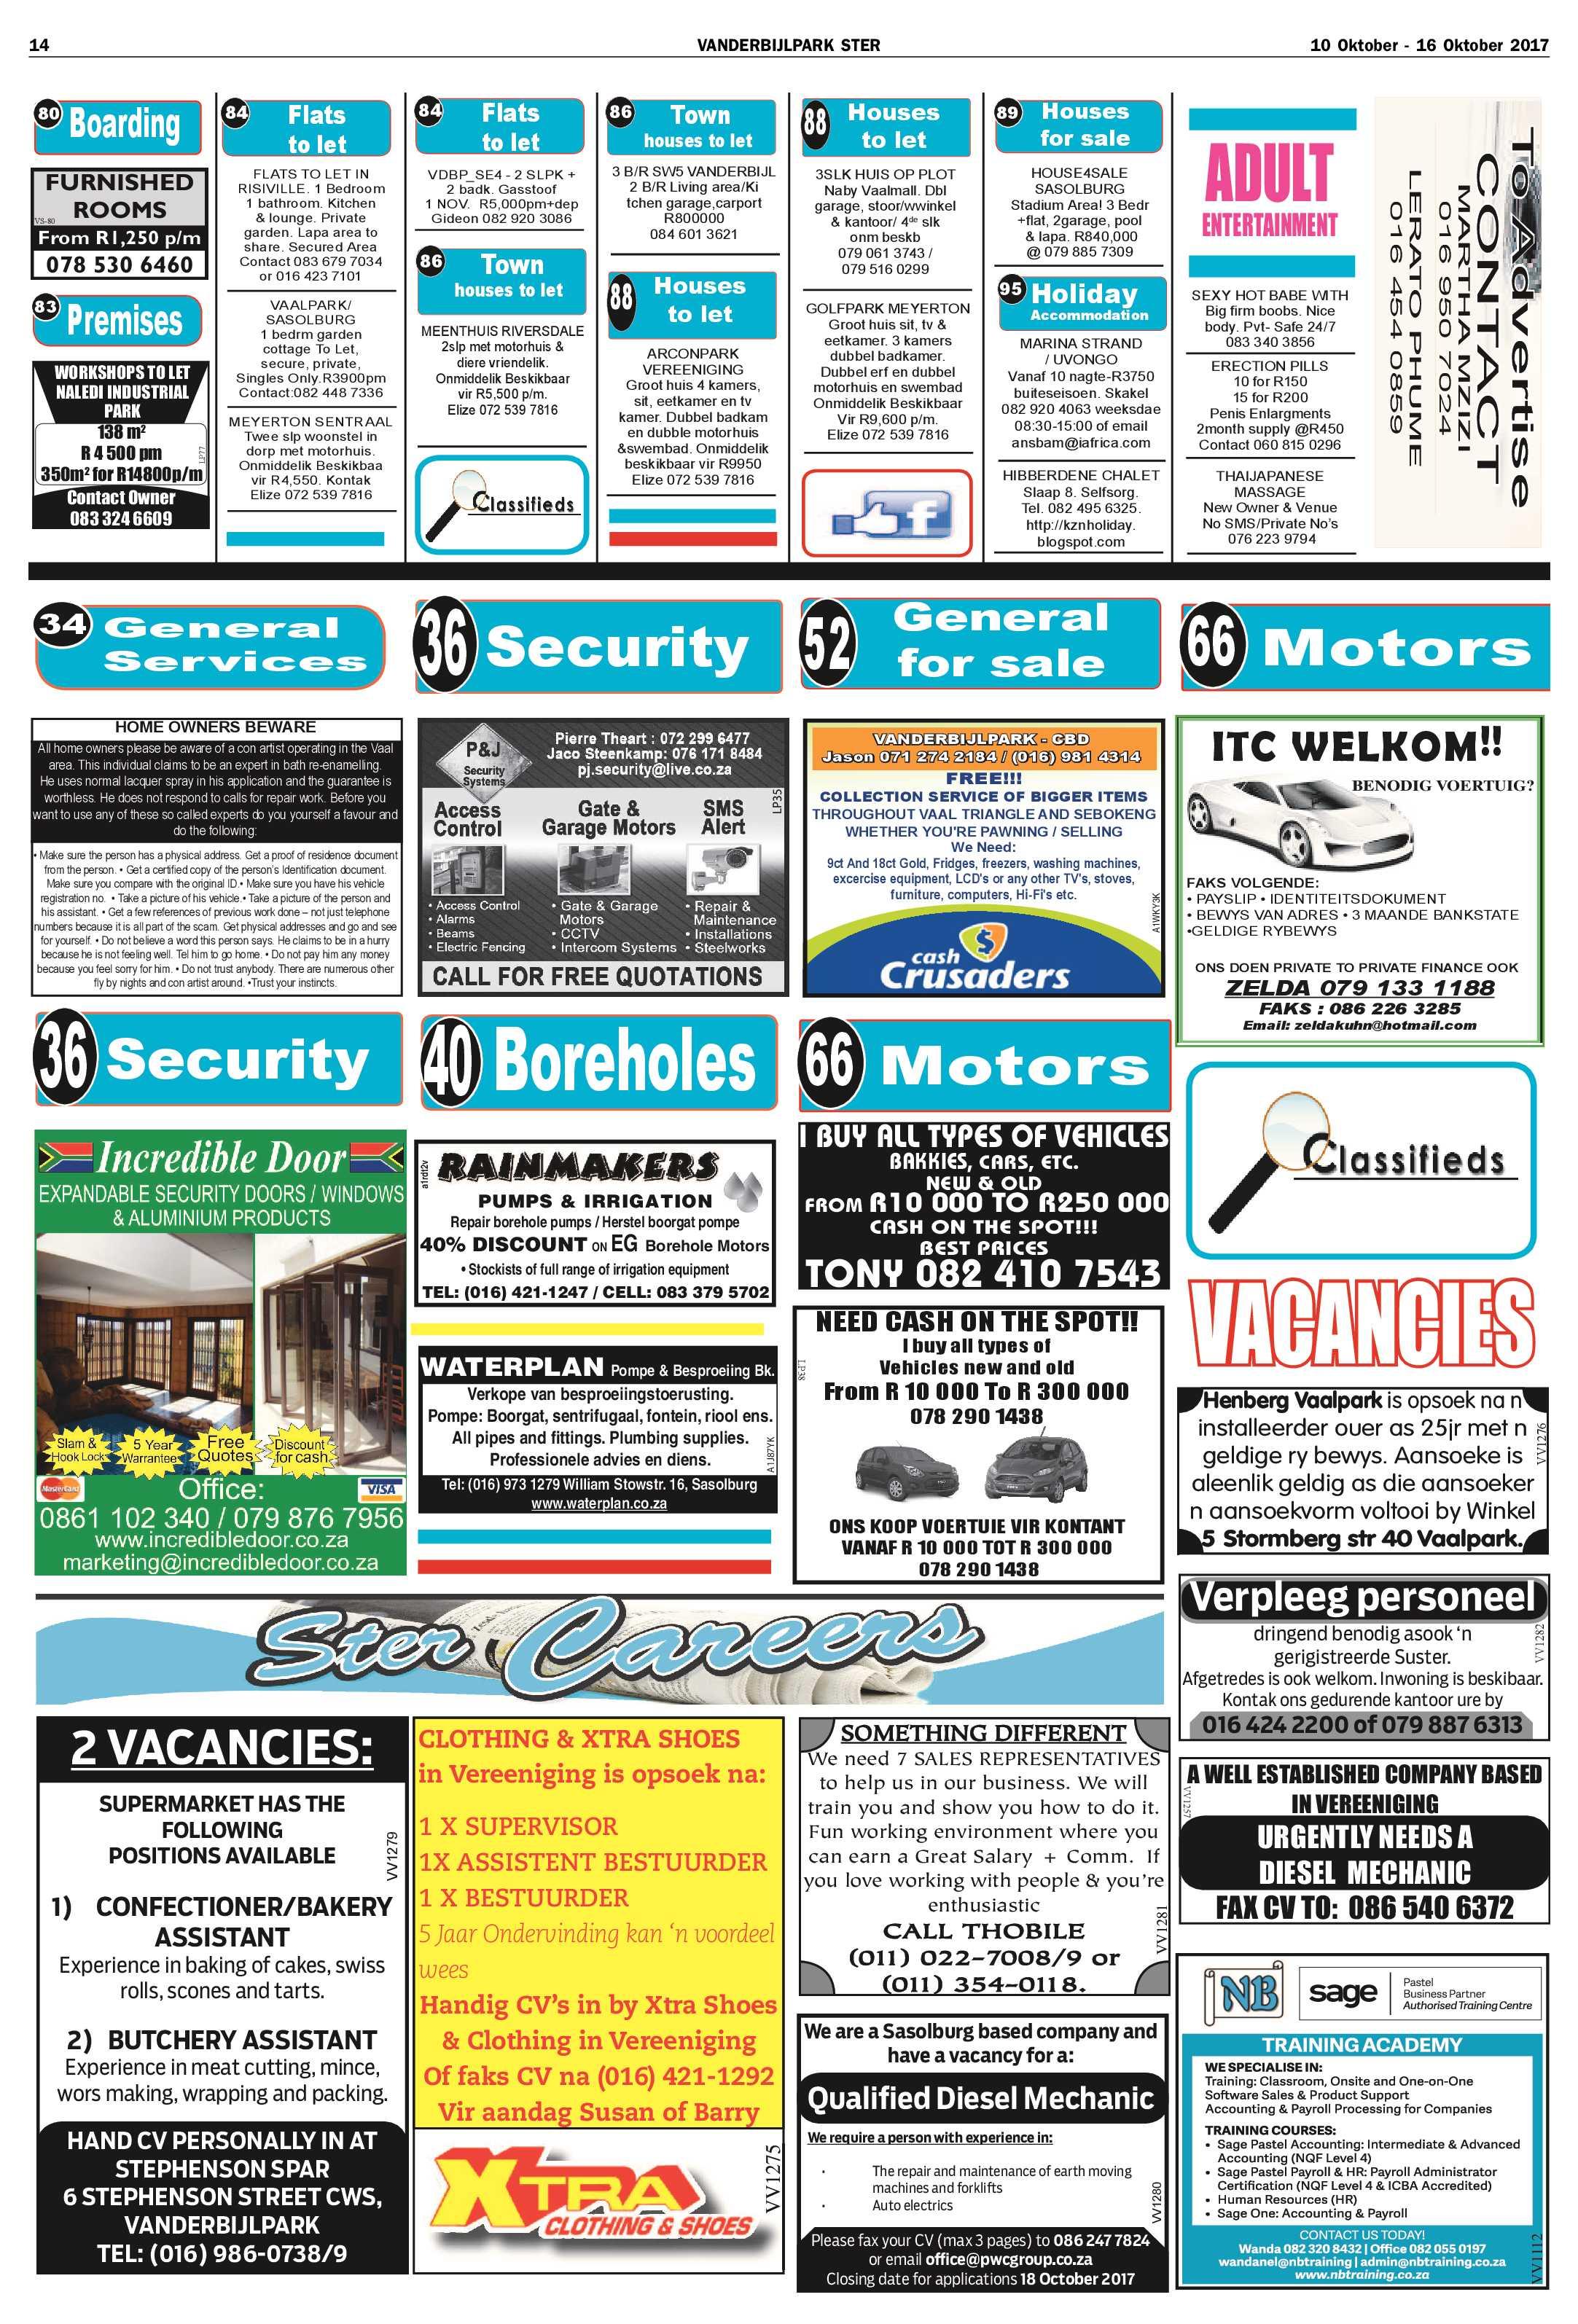 vanderbijlpark-ster-10-16-oktober-2017-epapers-page-14